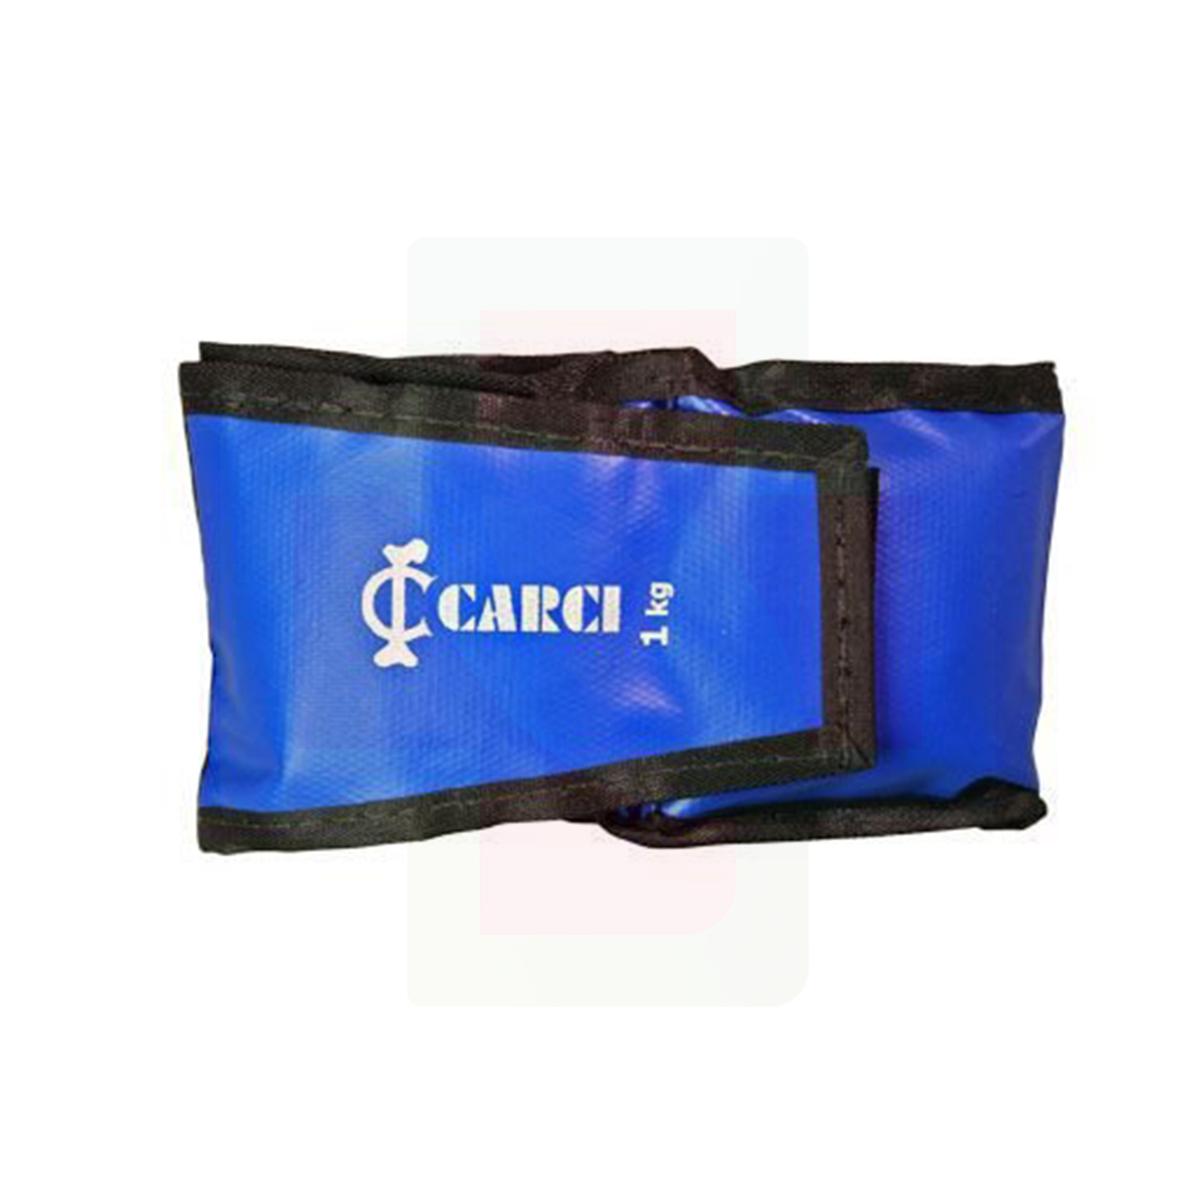 CANELEIRA TORNOZELEIRA 1 KG (UNID) 04017 - CARCI